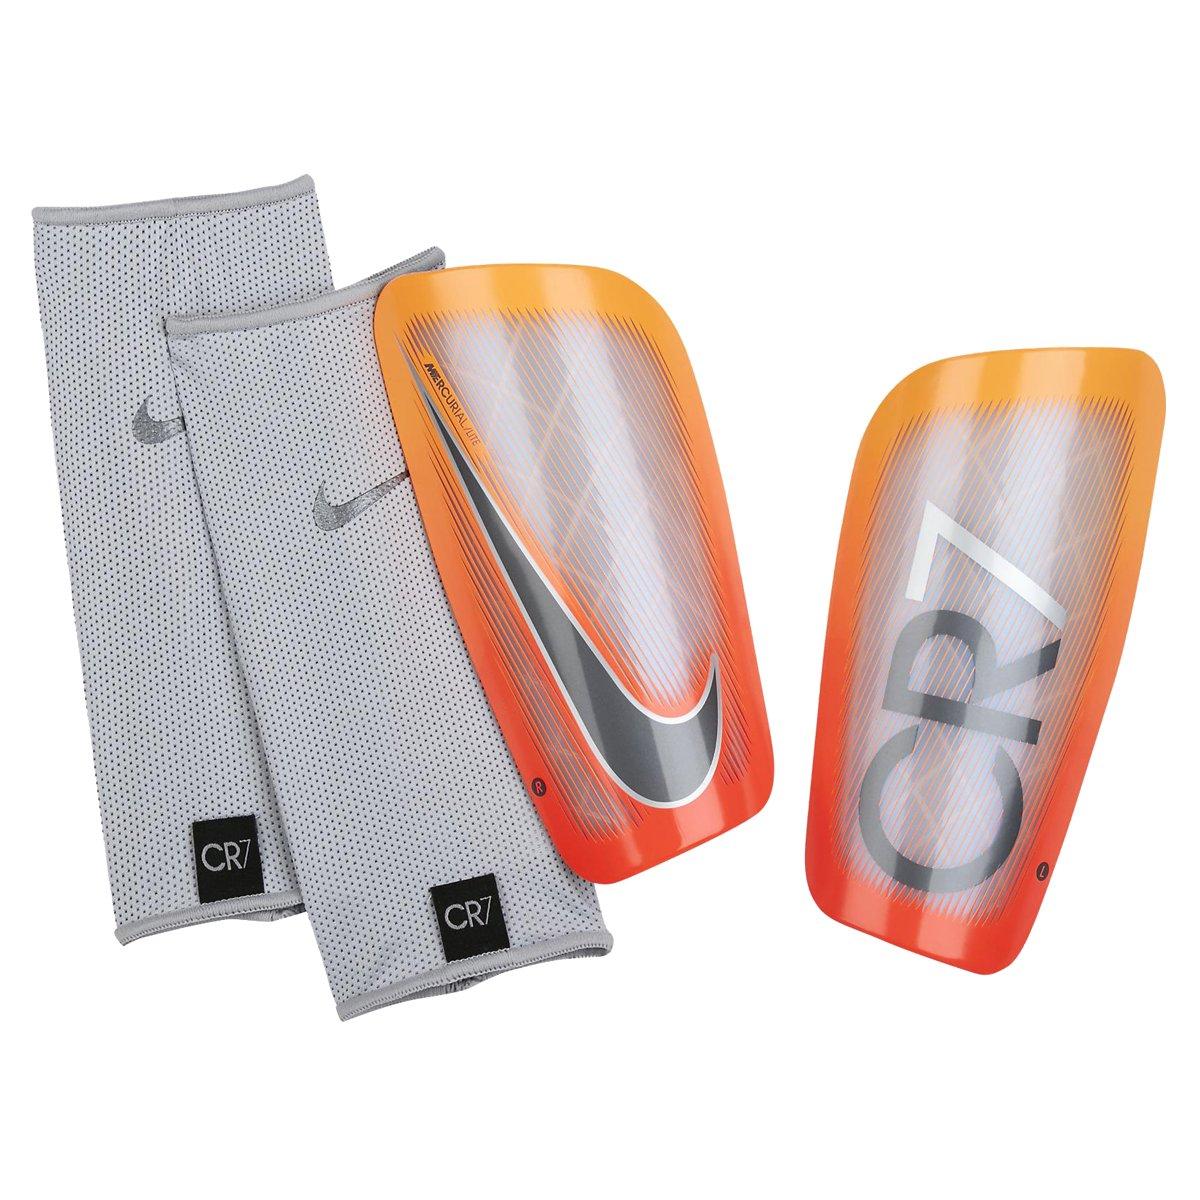 Caneleira Nike CR7 Mercurial Lite SP2109 855 Prata Laranja 8ae517a5e2805